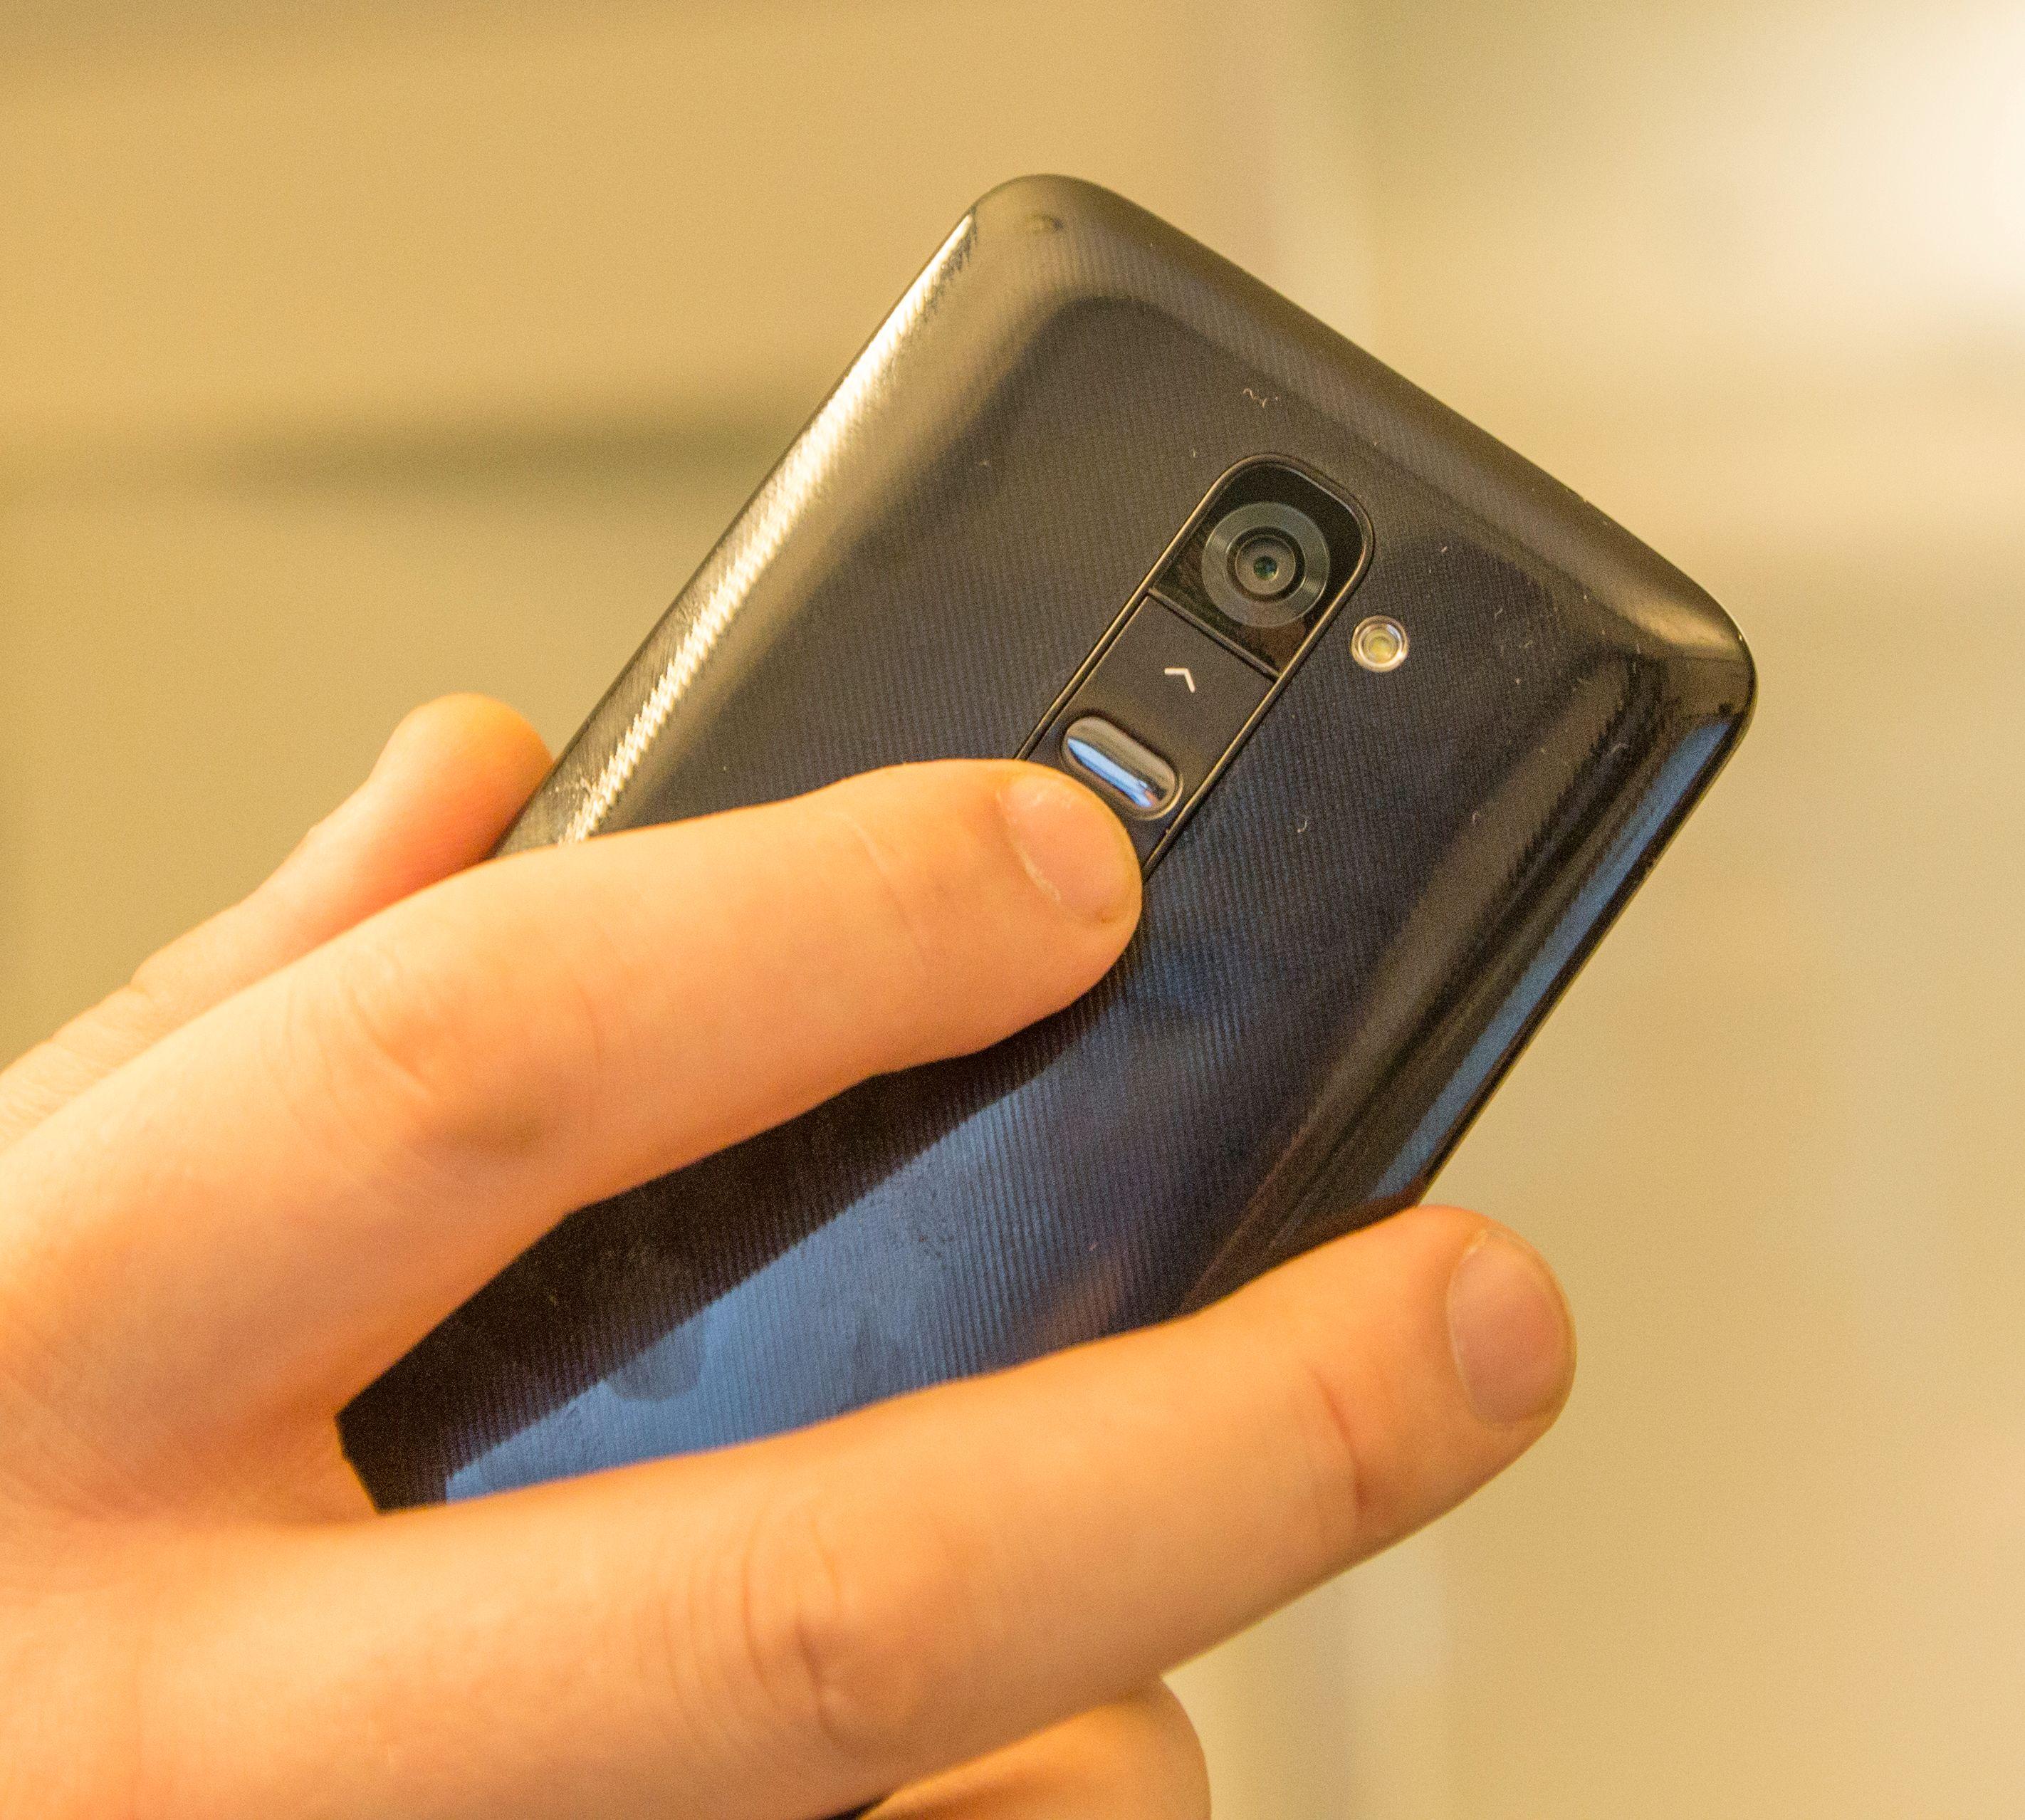 Knappene på baksiden skal gi en mer naturlig måte å bruke telefonen på. Det var det delte meninger om i redaksjonen. Uansett dreier dette seg først og fremst om vane.Foto: Finn Jarle Kvalheim, Amobil.no